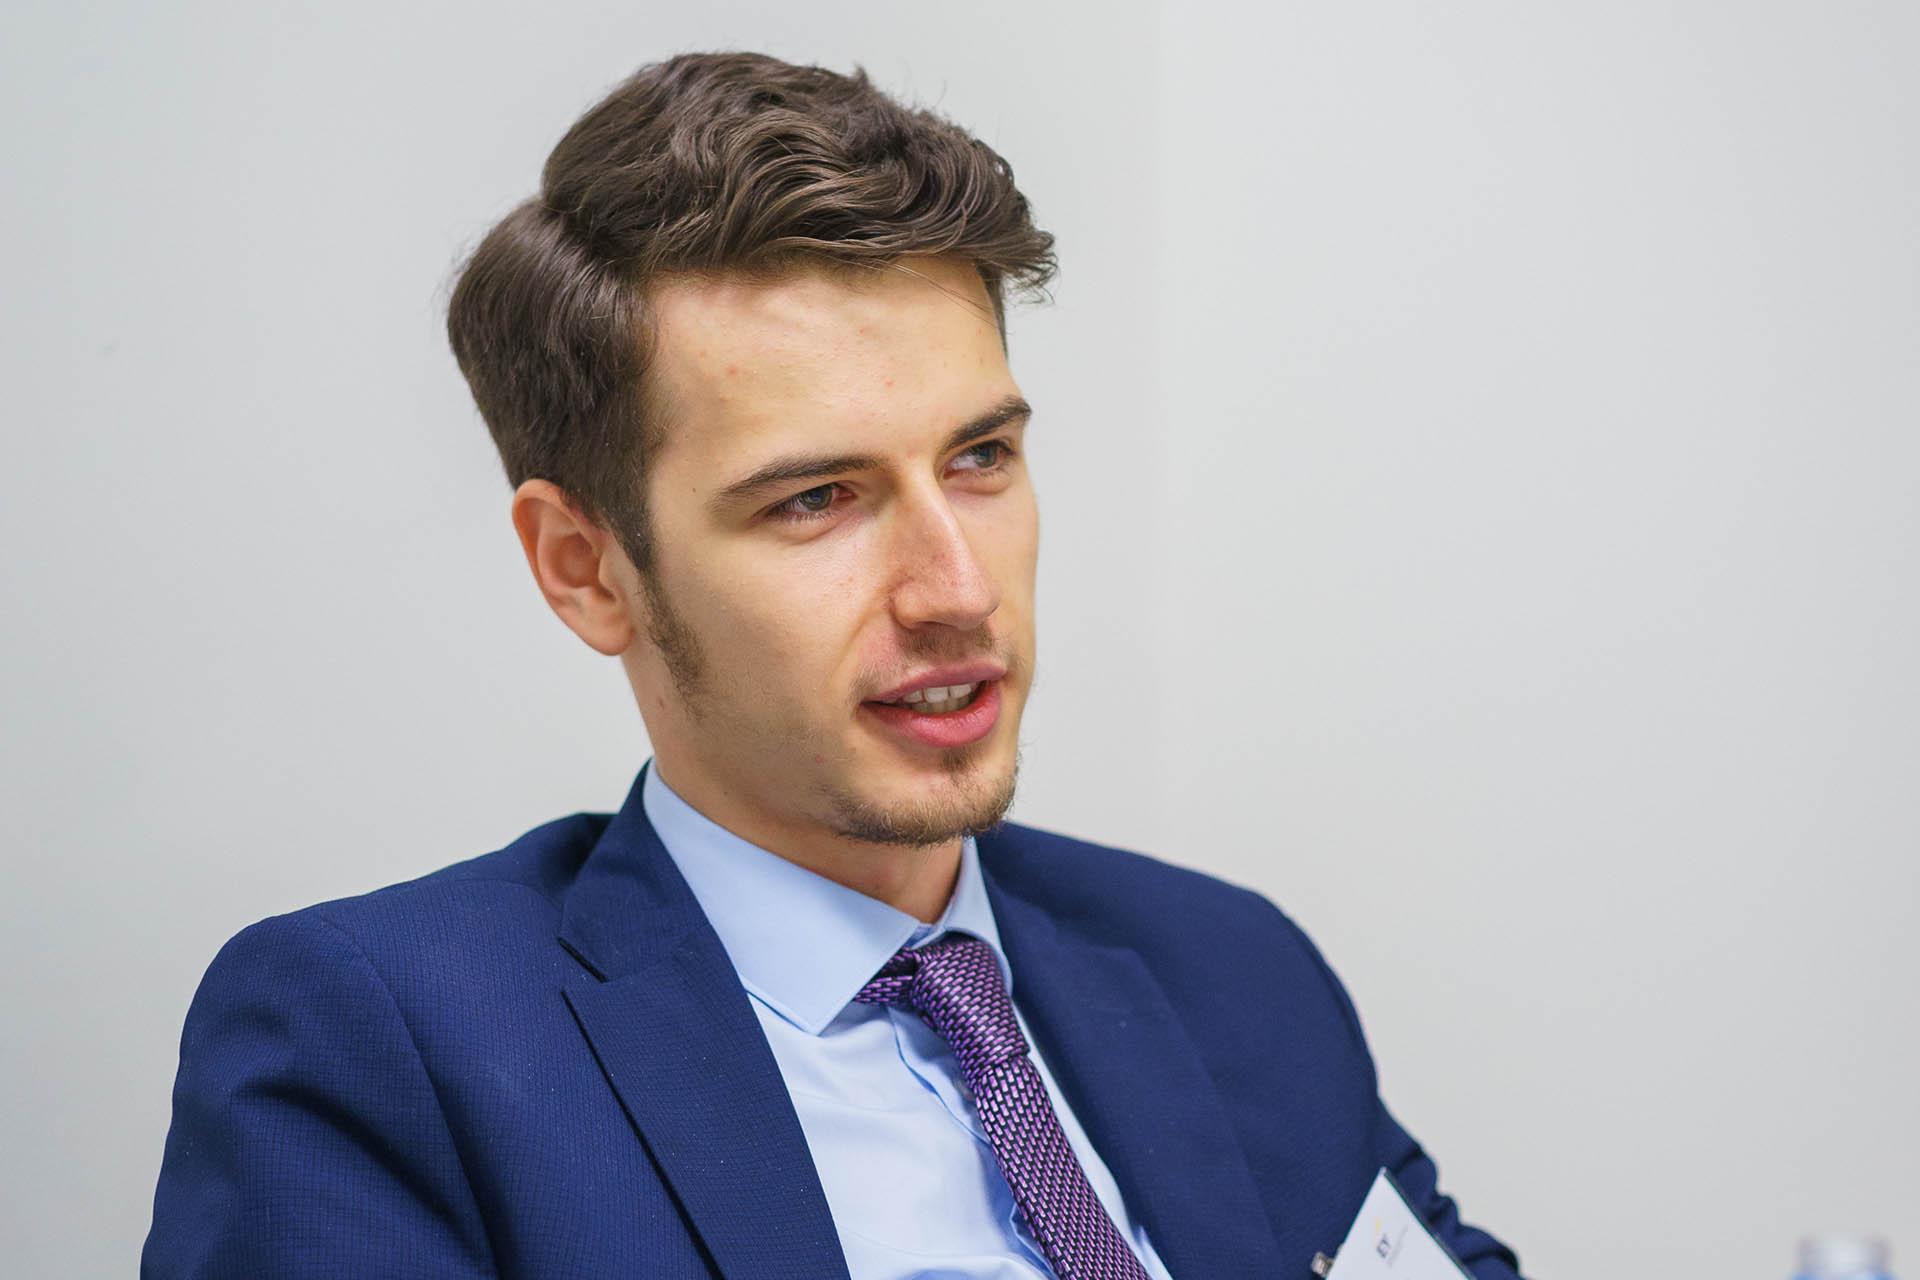 Никита Шиянов, основатель и генеральный директор IT-компании Want Result